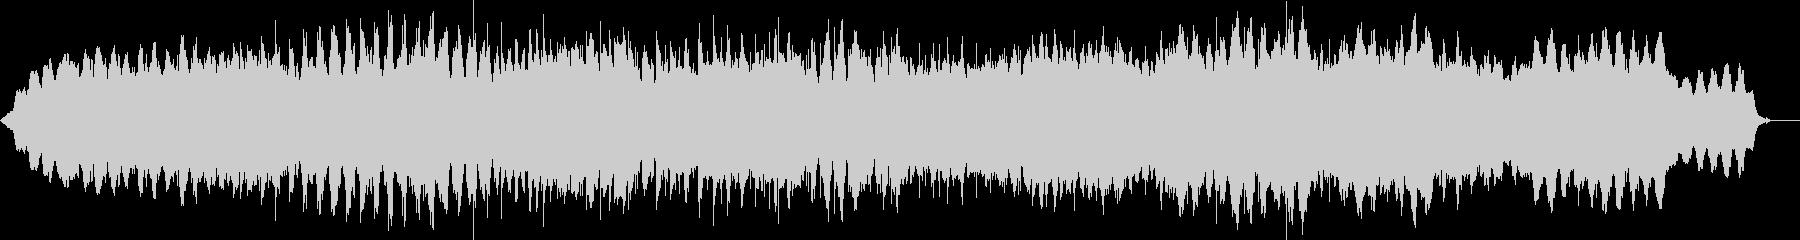 メロディを排除したヒーリング曲528Hzの未再生の波形